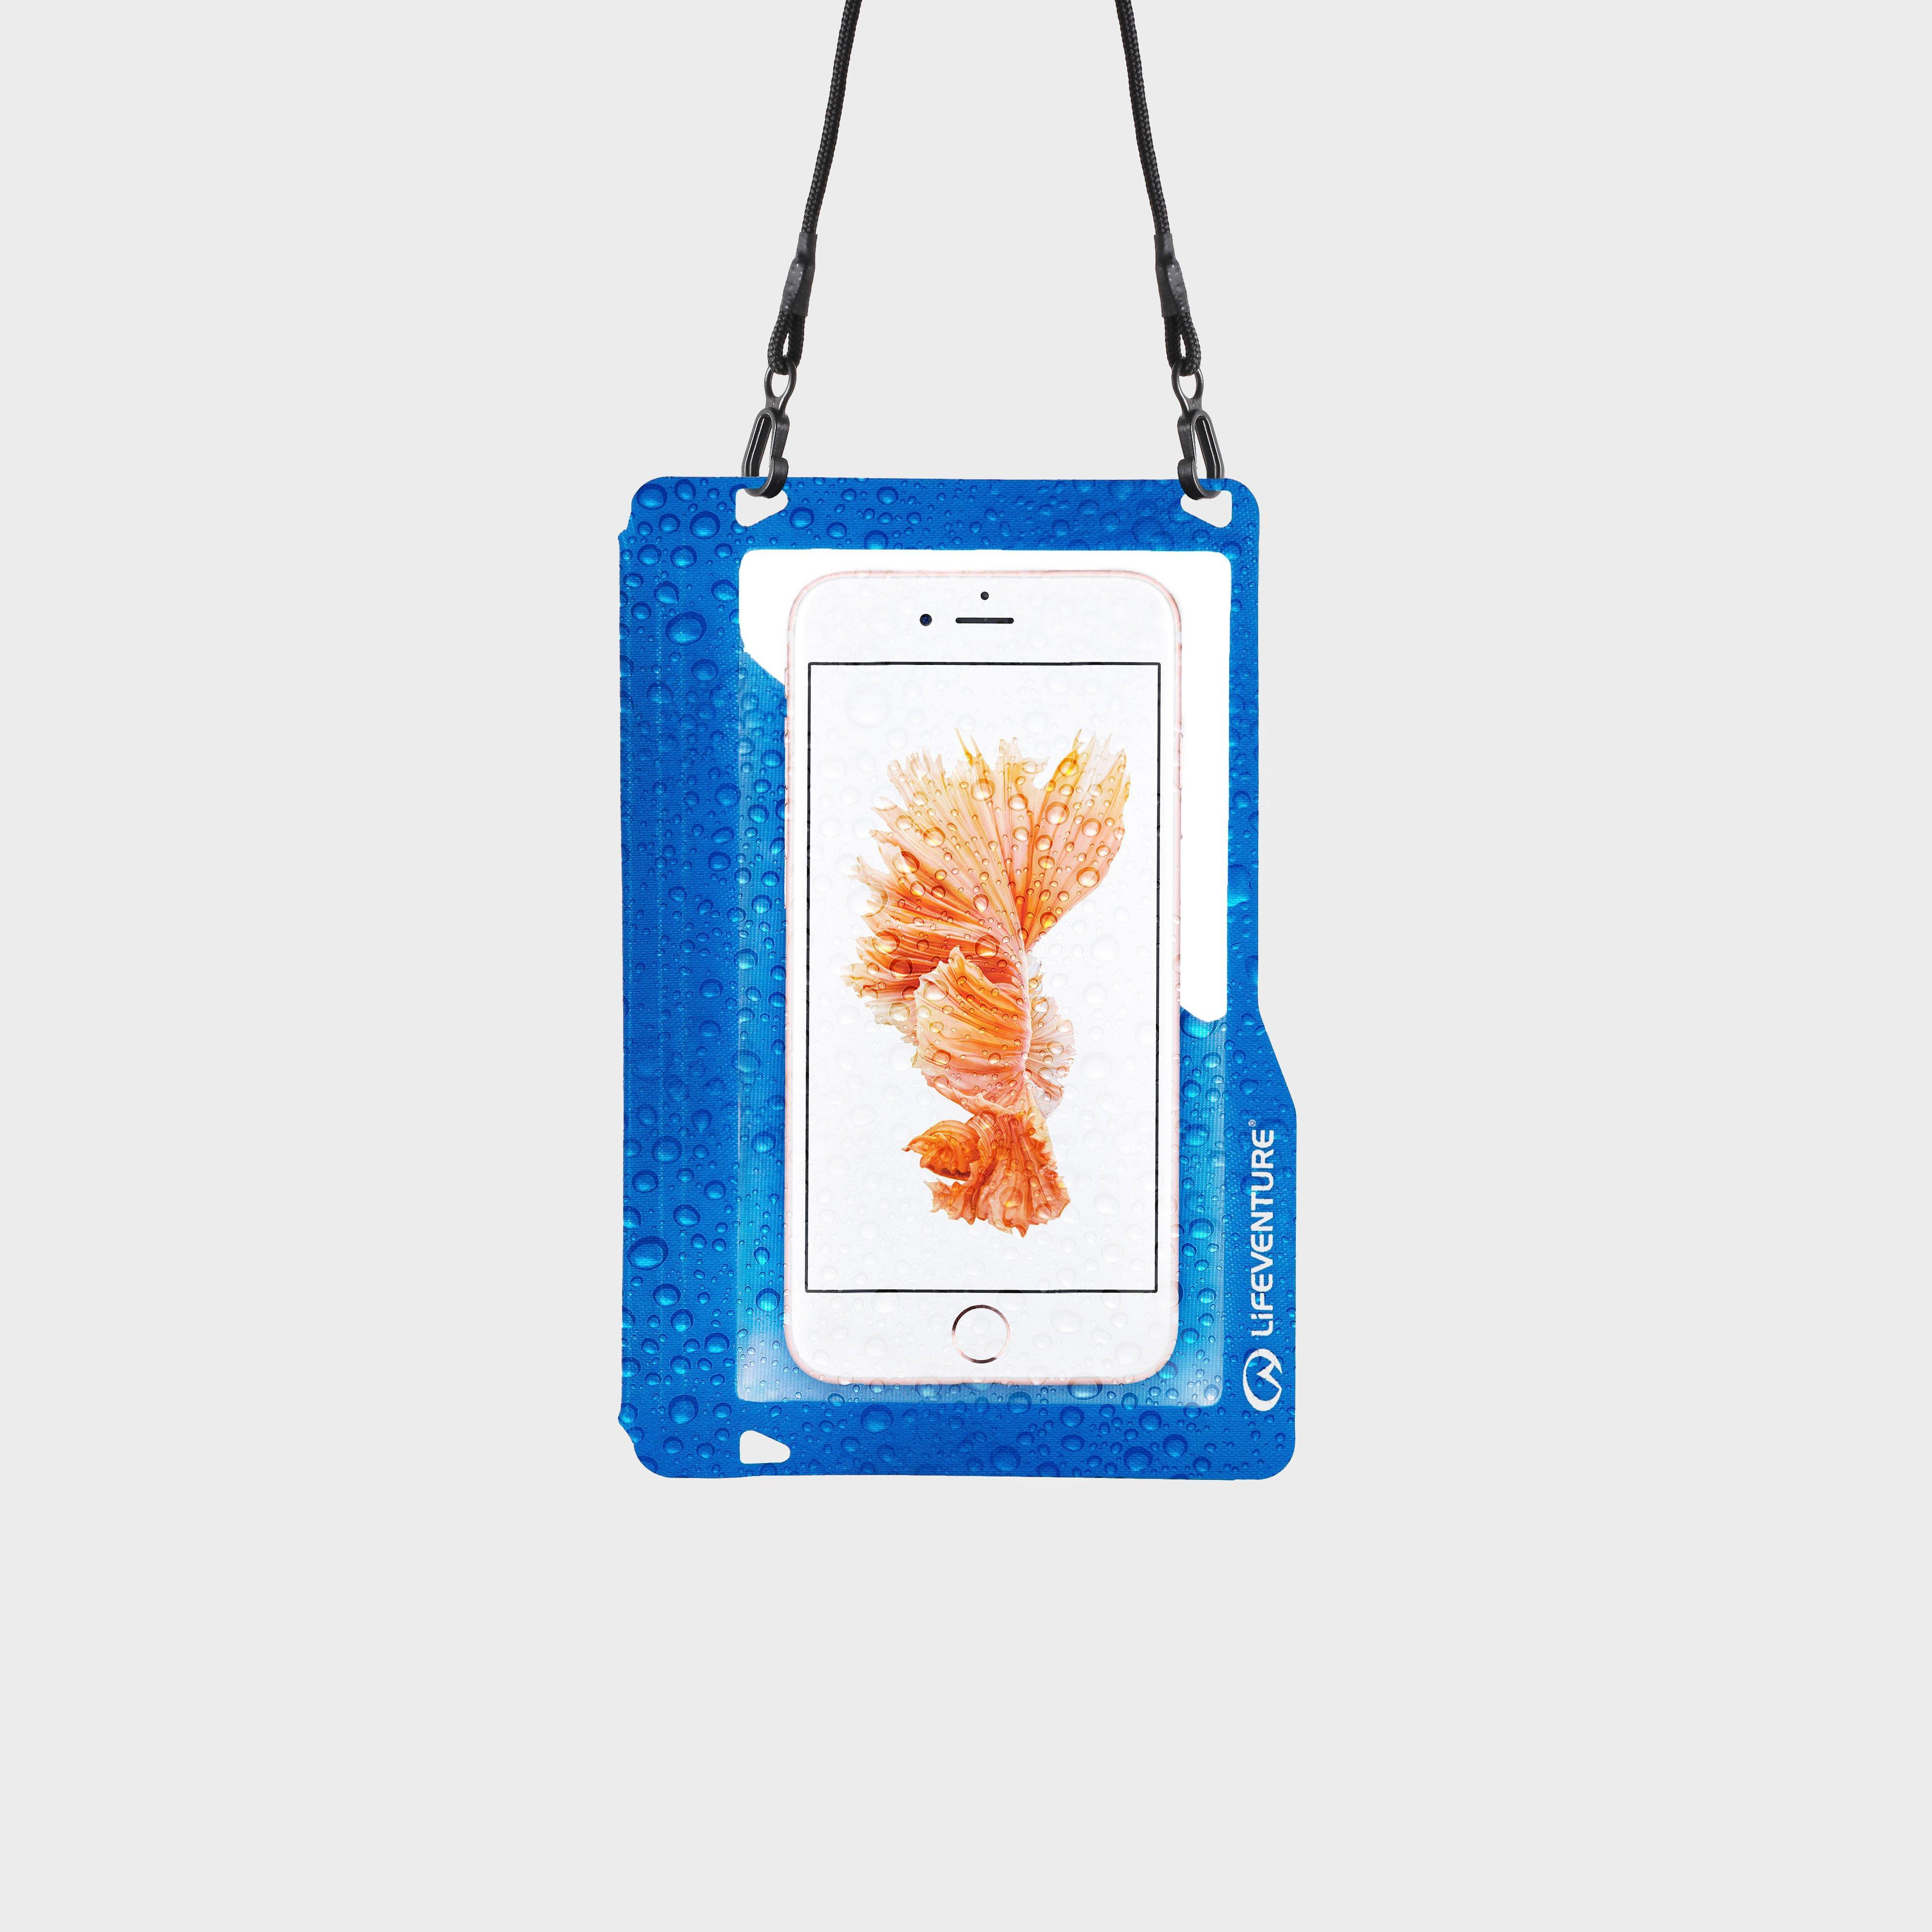 Lifeventure Hydroseal Phone Case Plus, Blue/PLUS